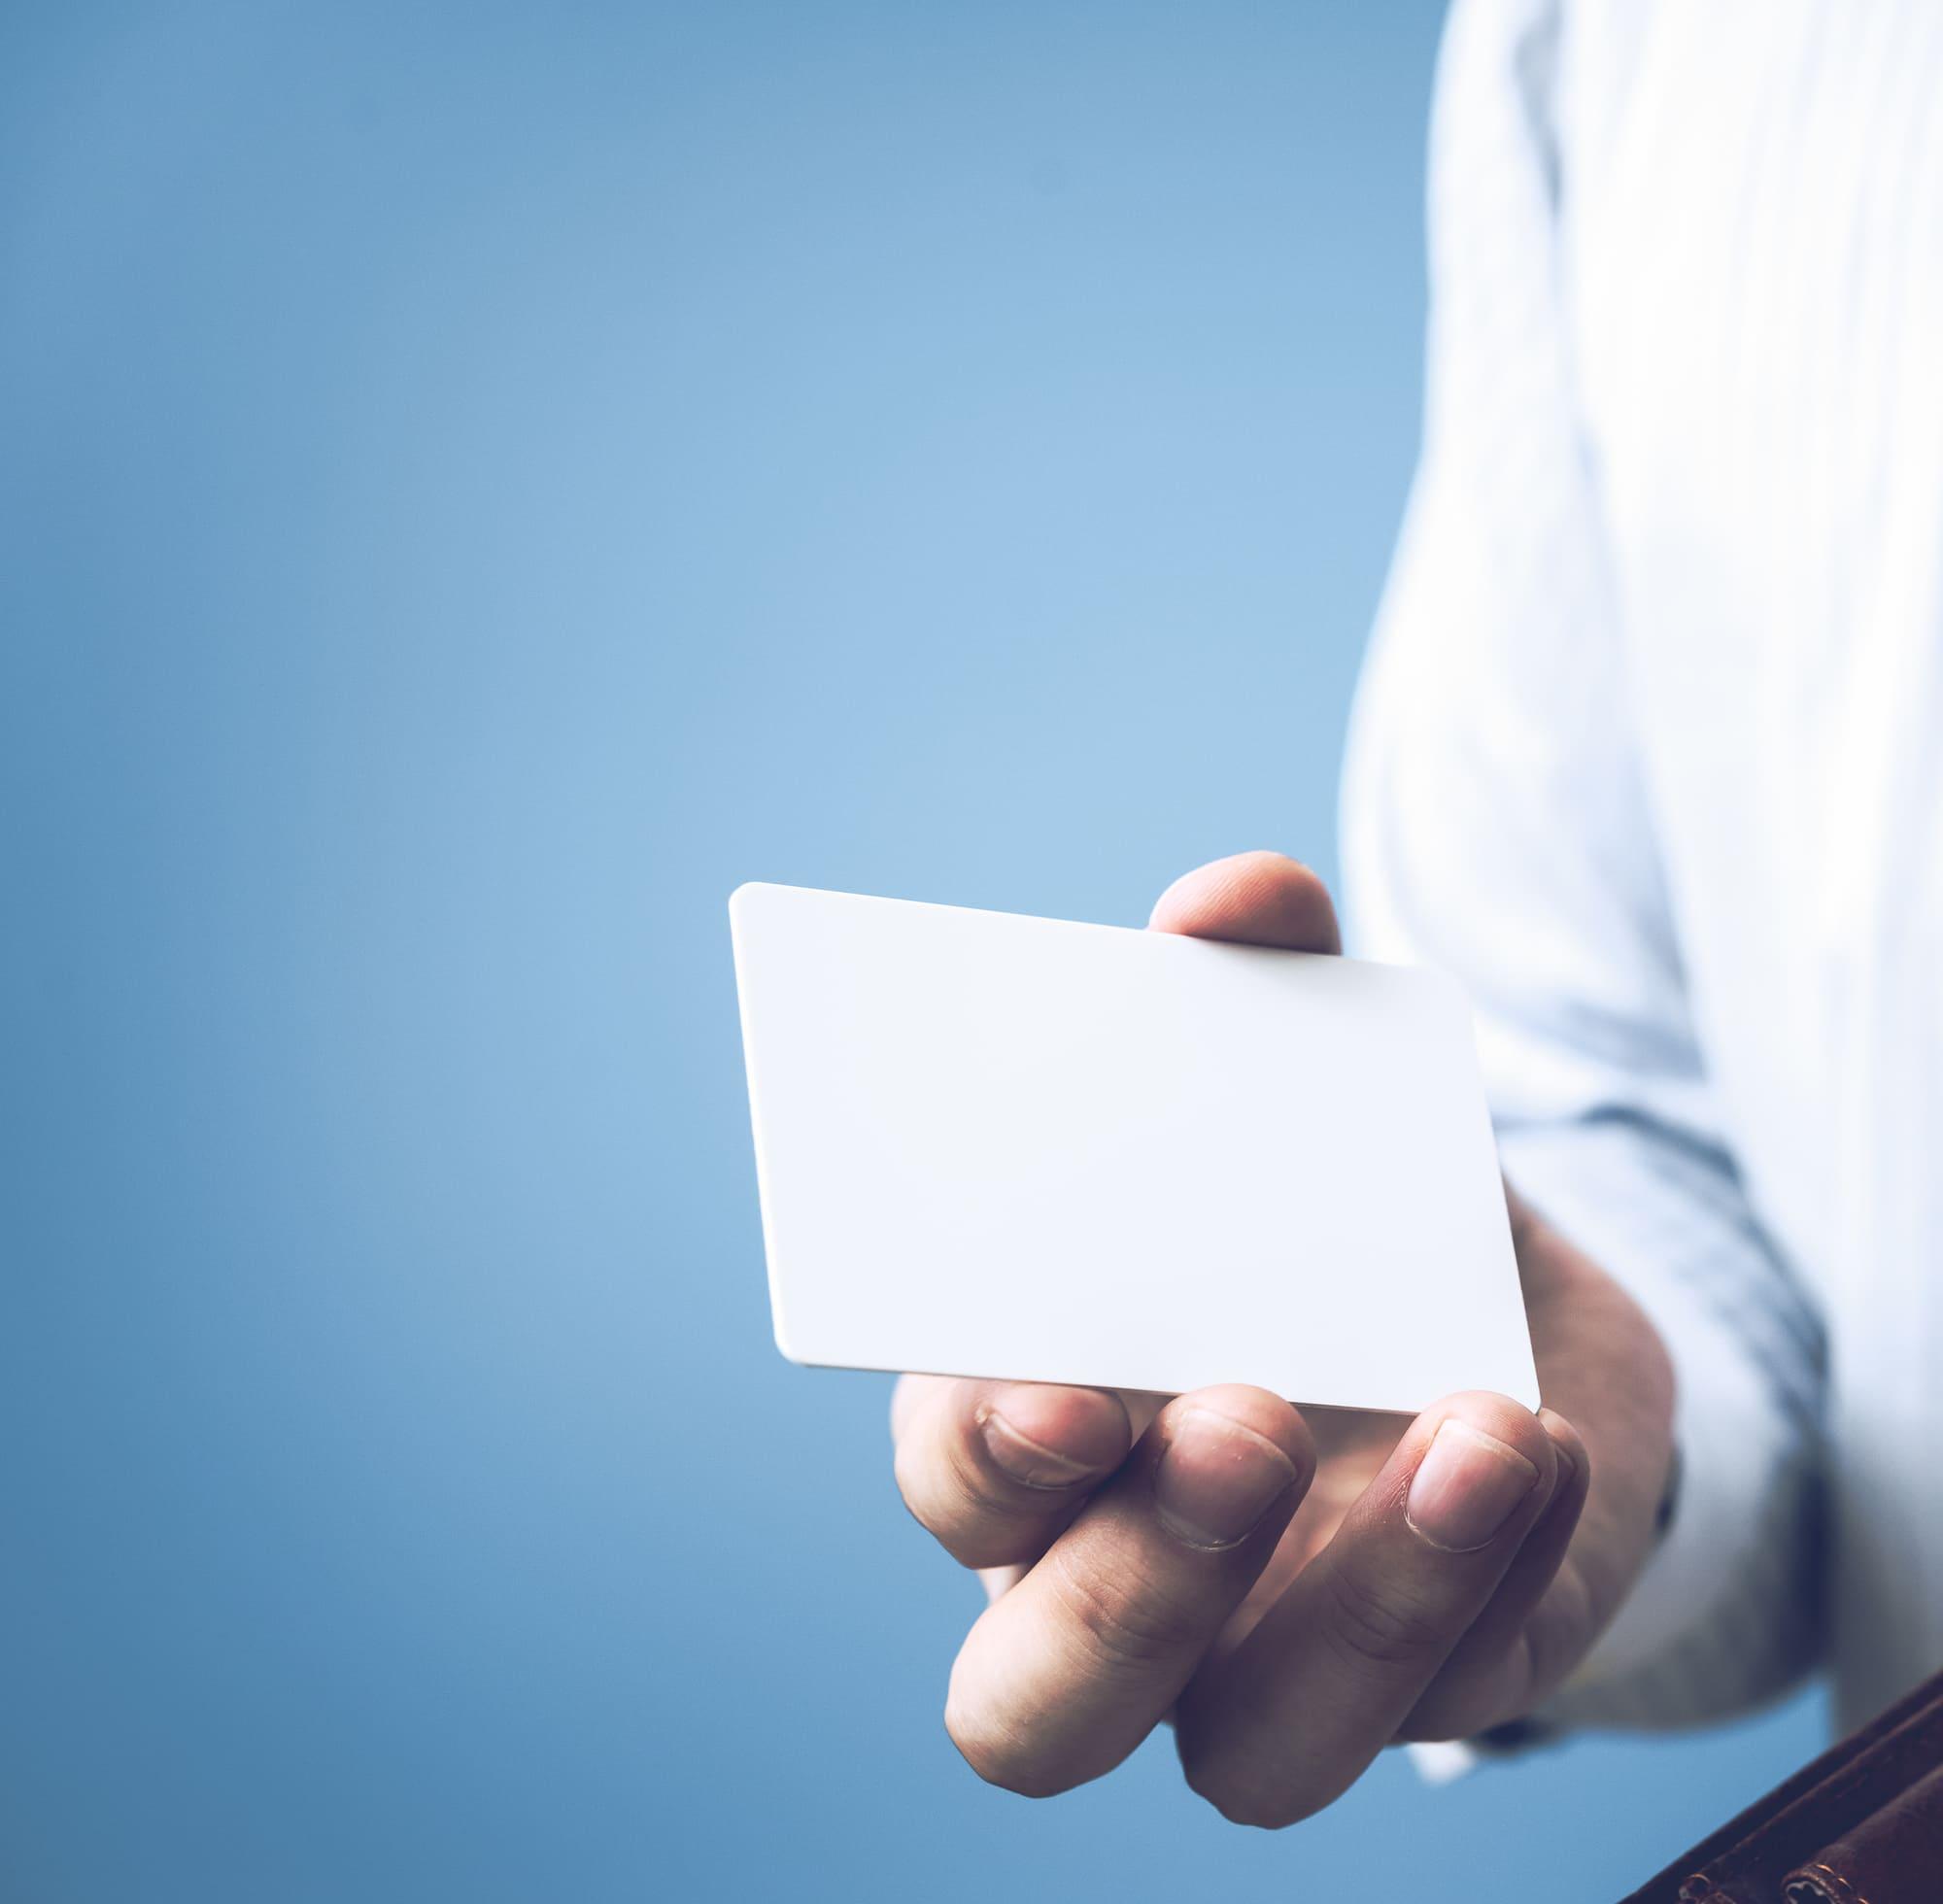 SuMi TRUST CLUBカードのポイントがTポイントへ交換可能に!